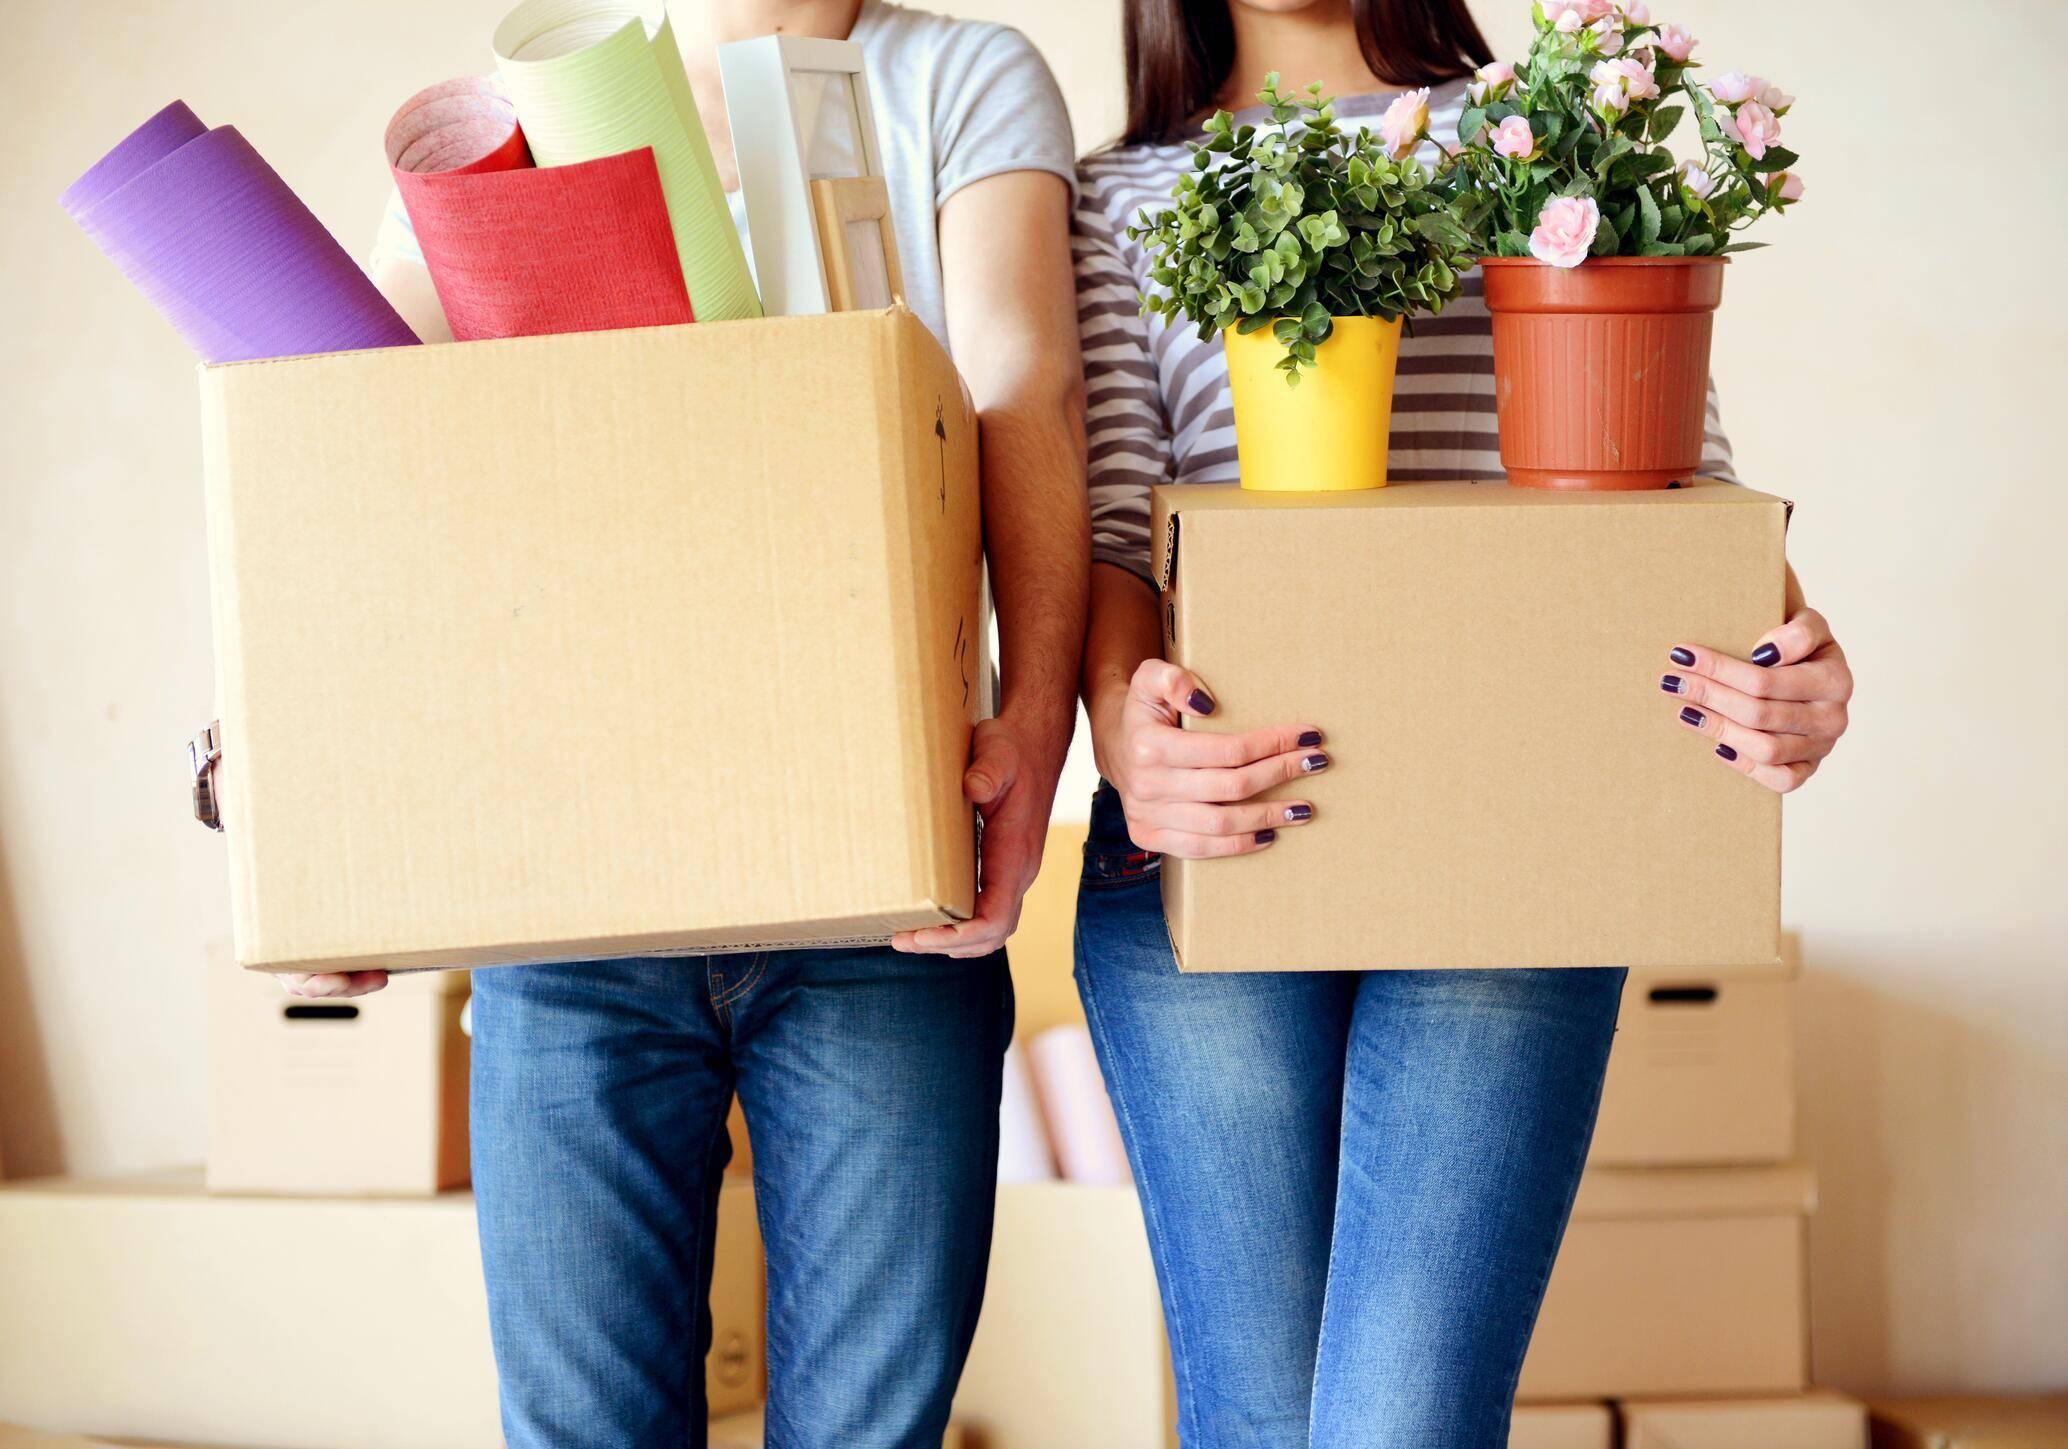 Fristlose Kündigung Der Wohnung: Ist Das Erlaubt?